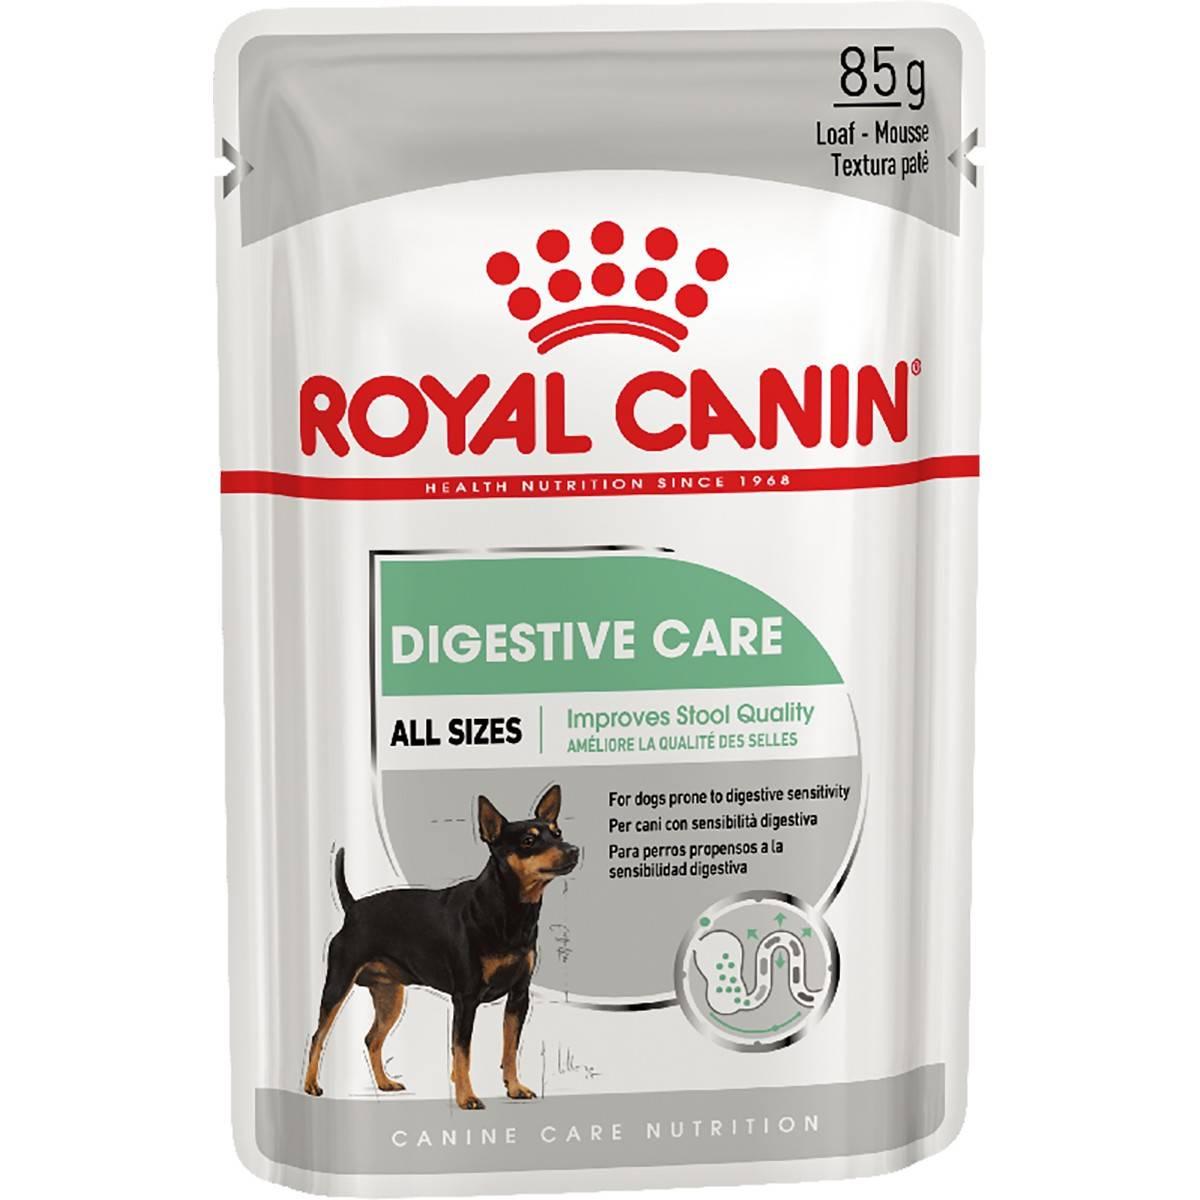 ROYAL CANIN DIGESTIVE CARE ALL SIZES – вологий корм для собак з чутливою травною системою